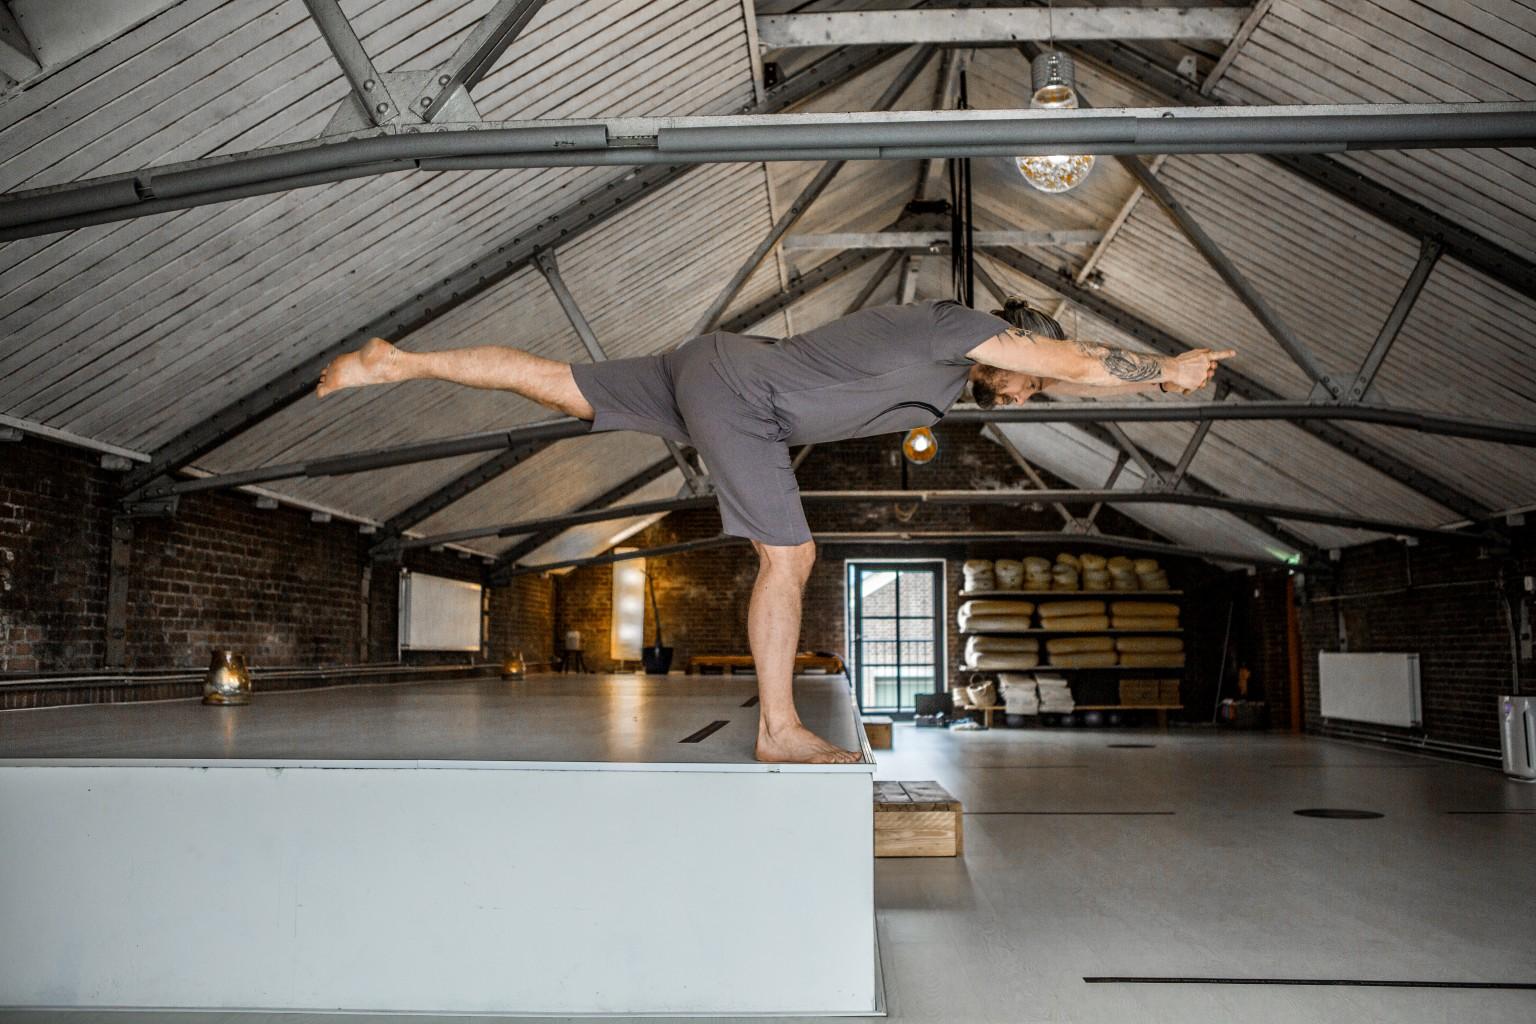 Vinyasa flow yoga beoefen je bij de yogaschool van Hilversum Yogi Heroes